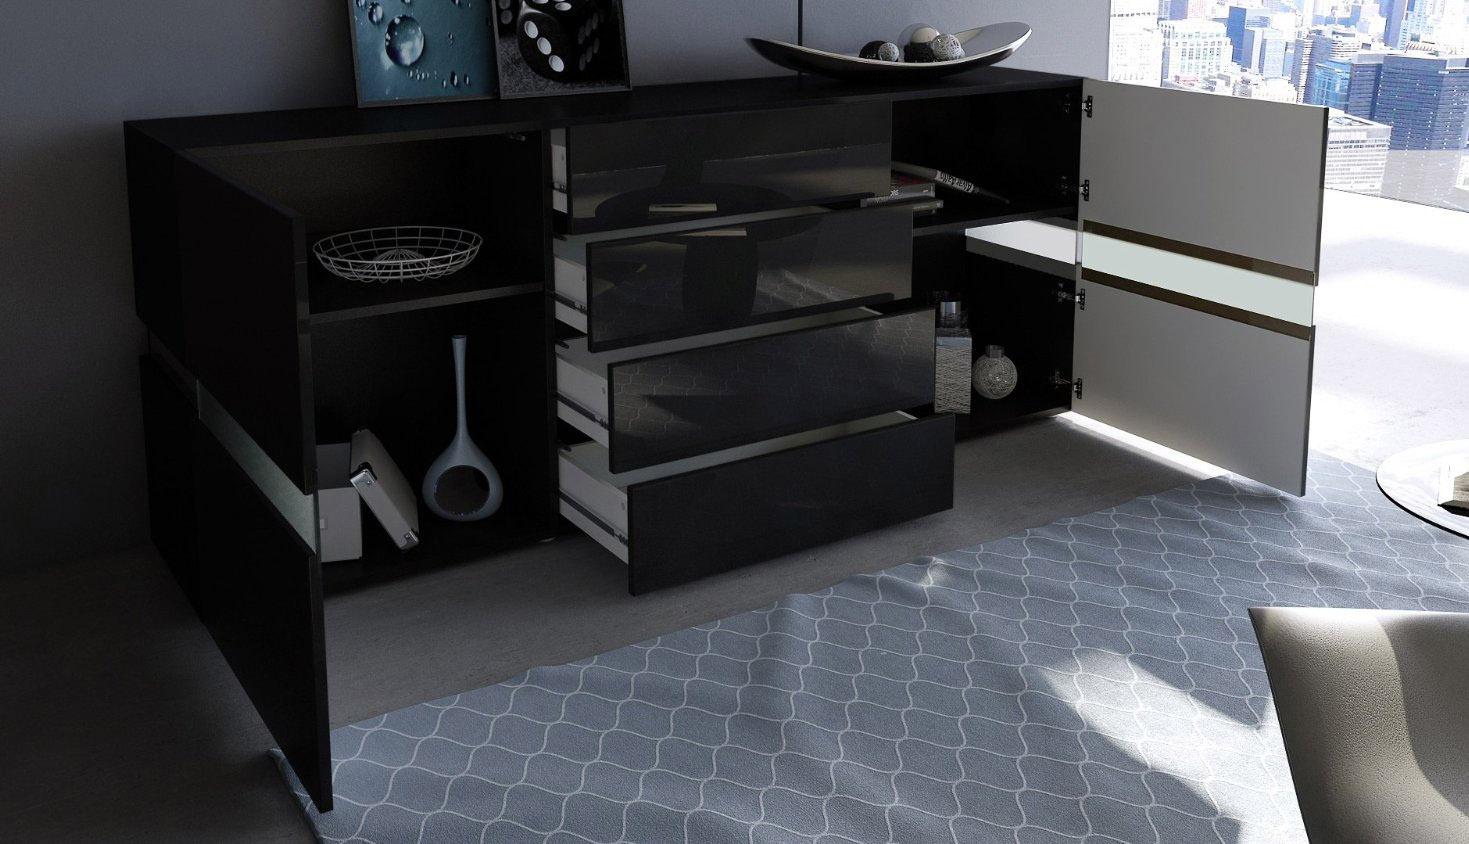 Credenza Moderna Nera : Credenza moderna faro bianca o nera mobile soggiorno con led